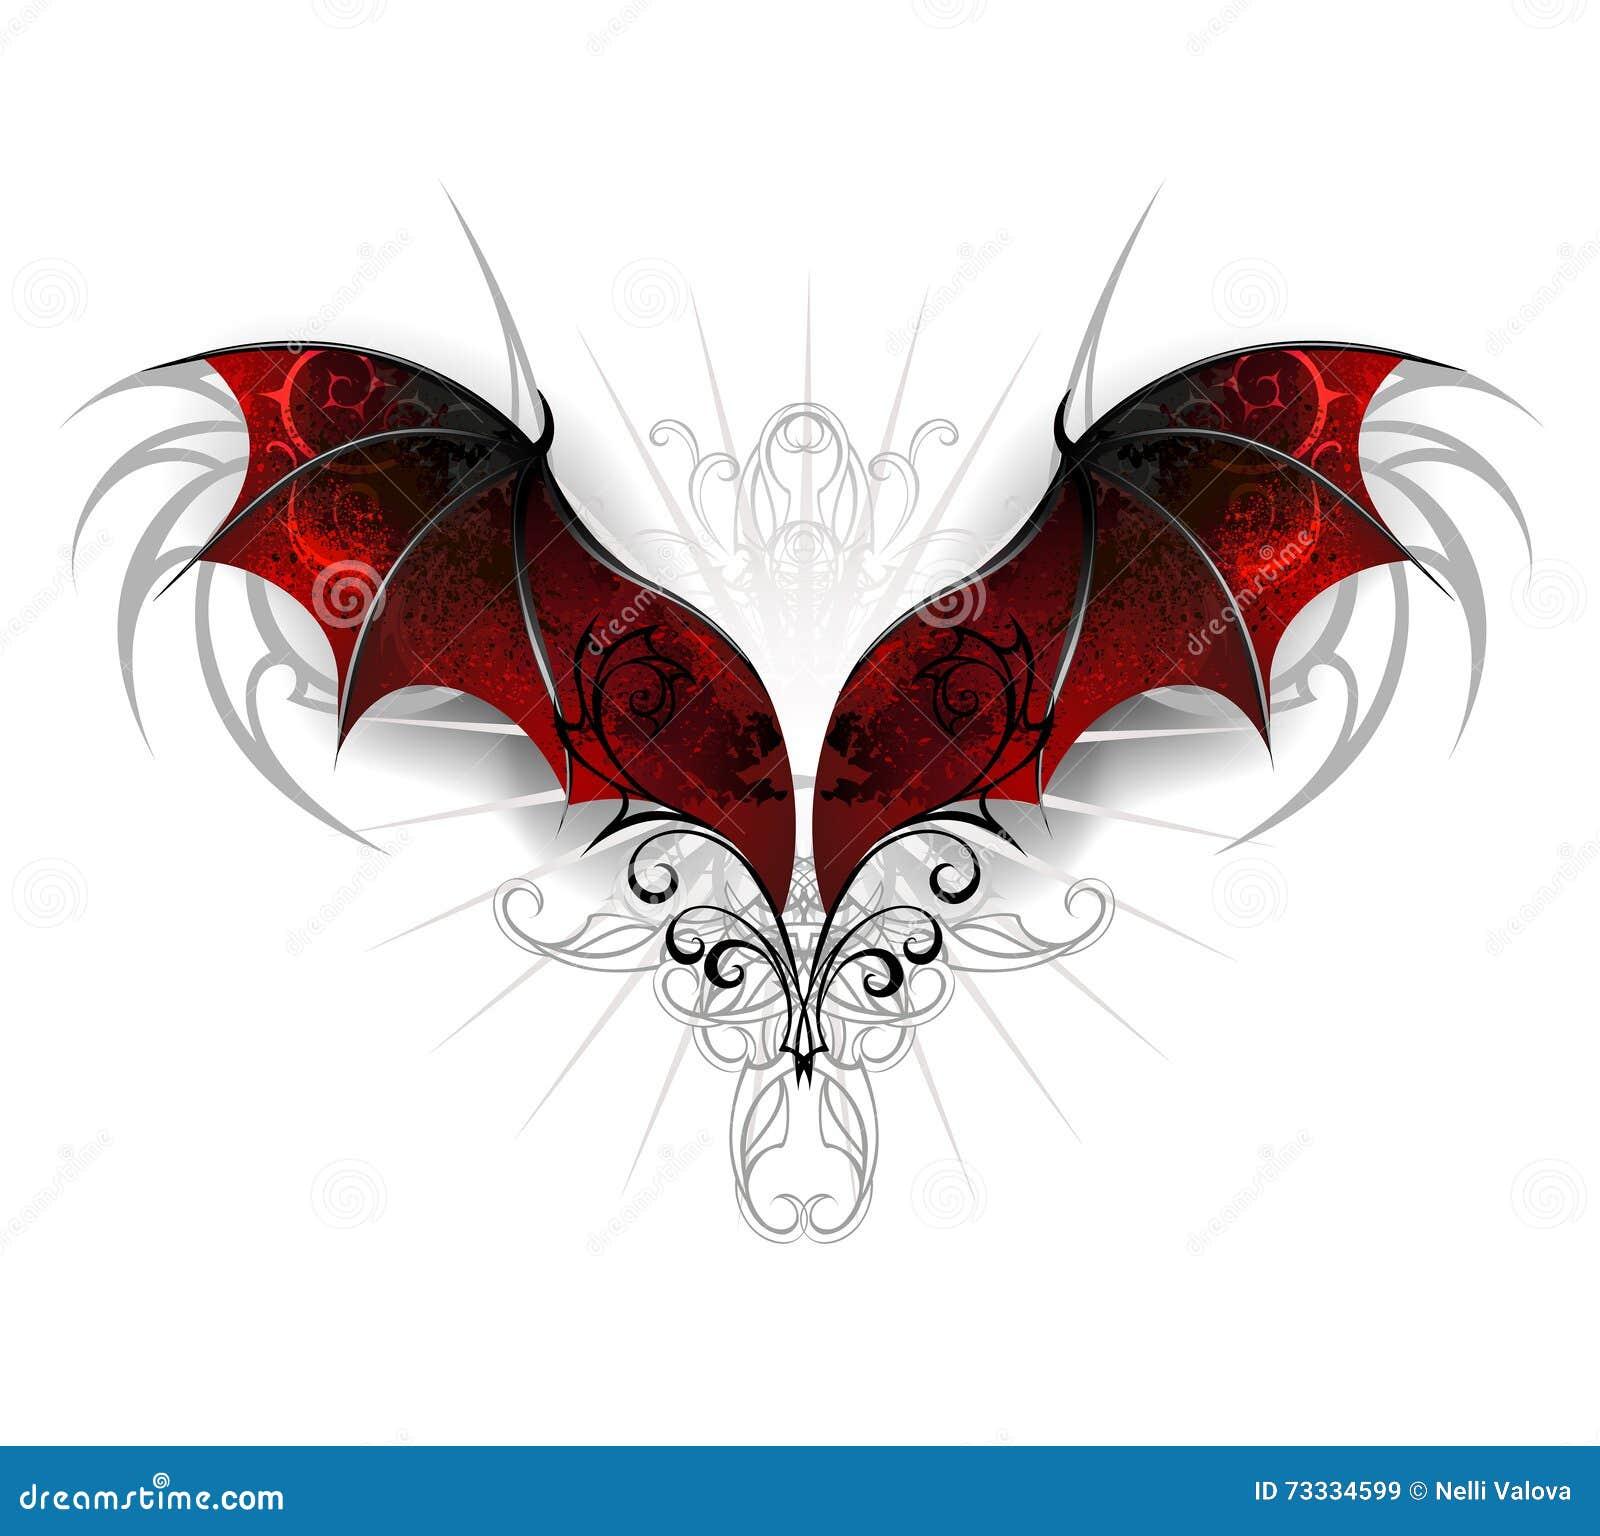 Ailes de dragon illustration de vecteur illustration du - Aile de dragon dessin ...